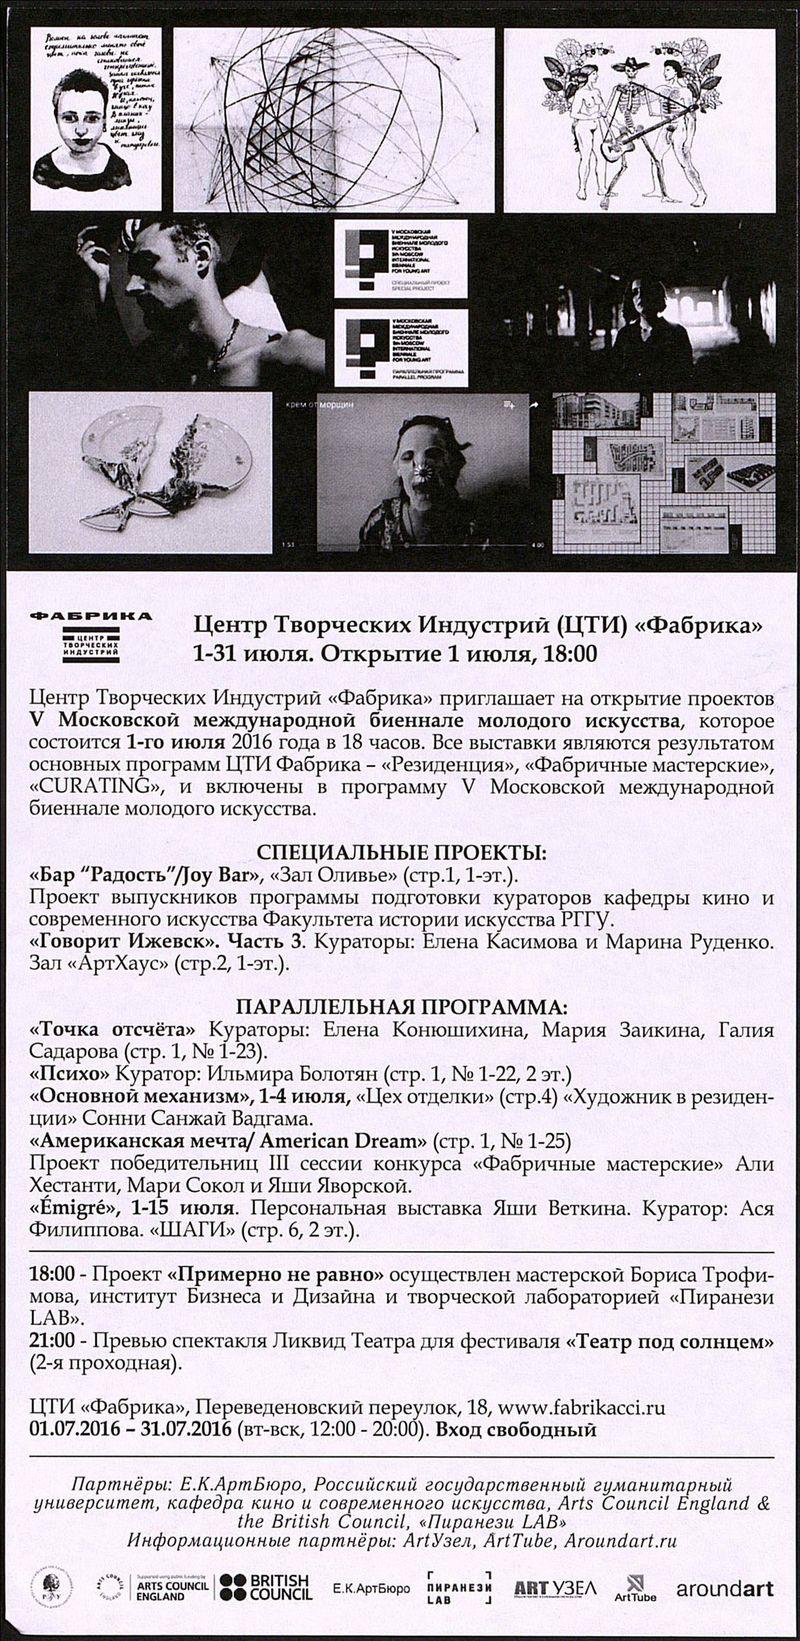 Открытие проектов VМосковской международной биеннале молодого искусства